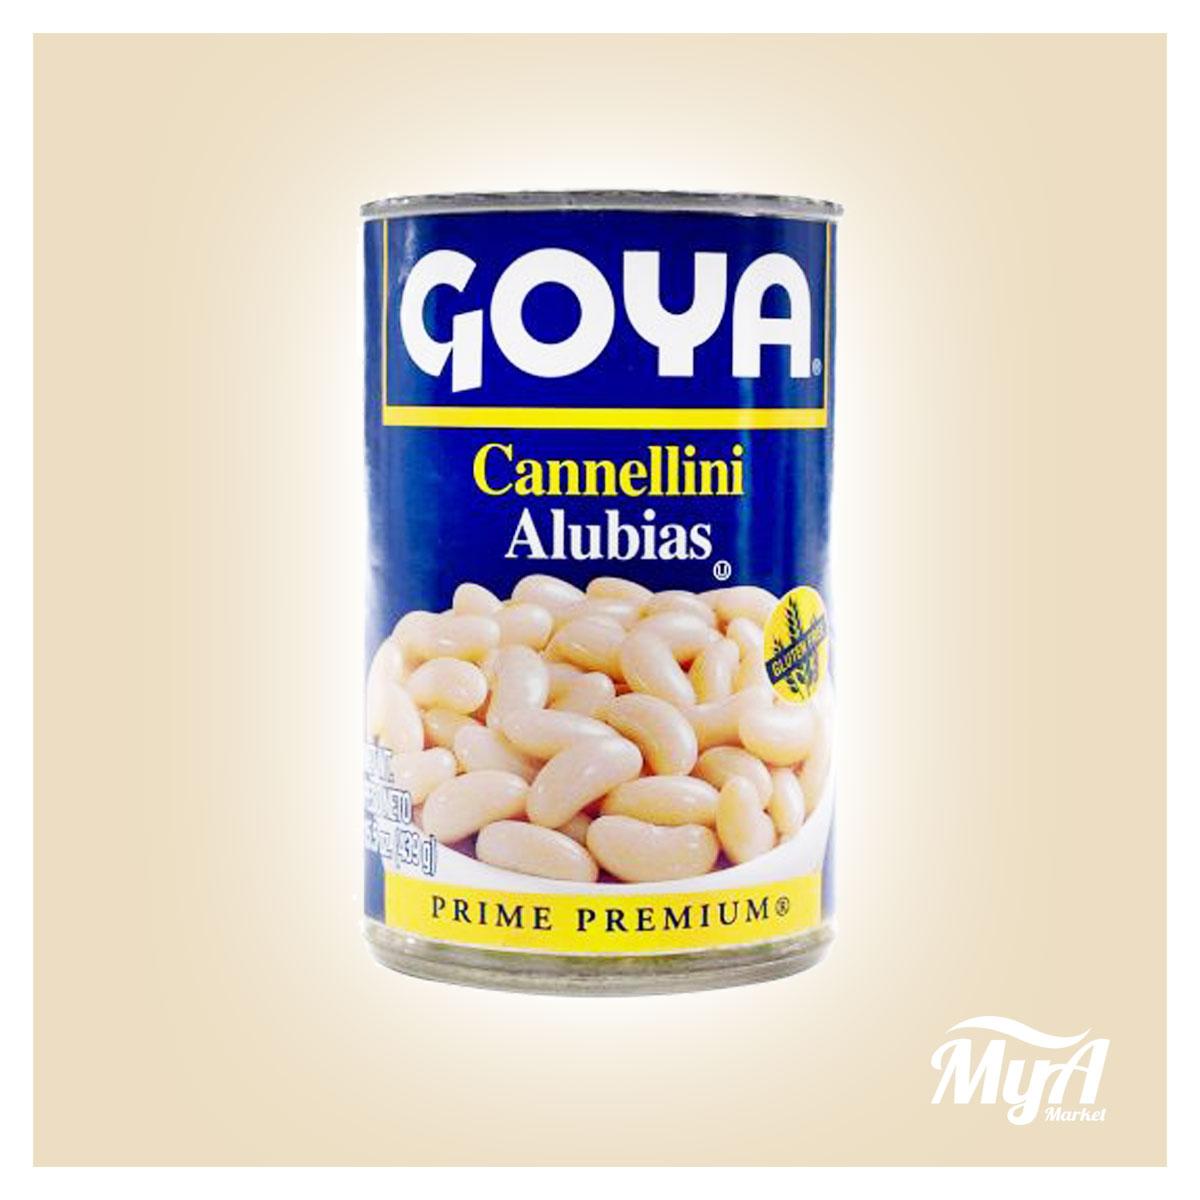 Alubias Goya